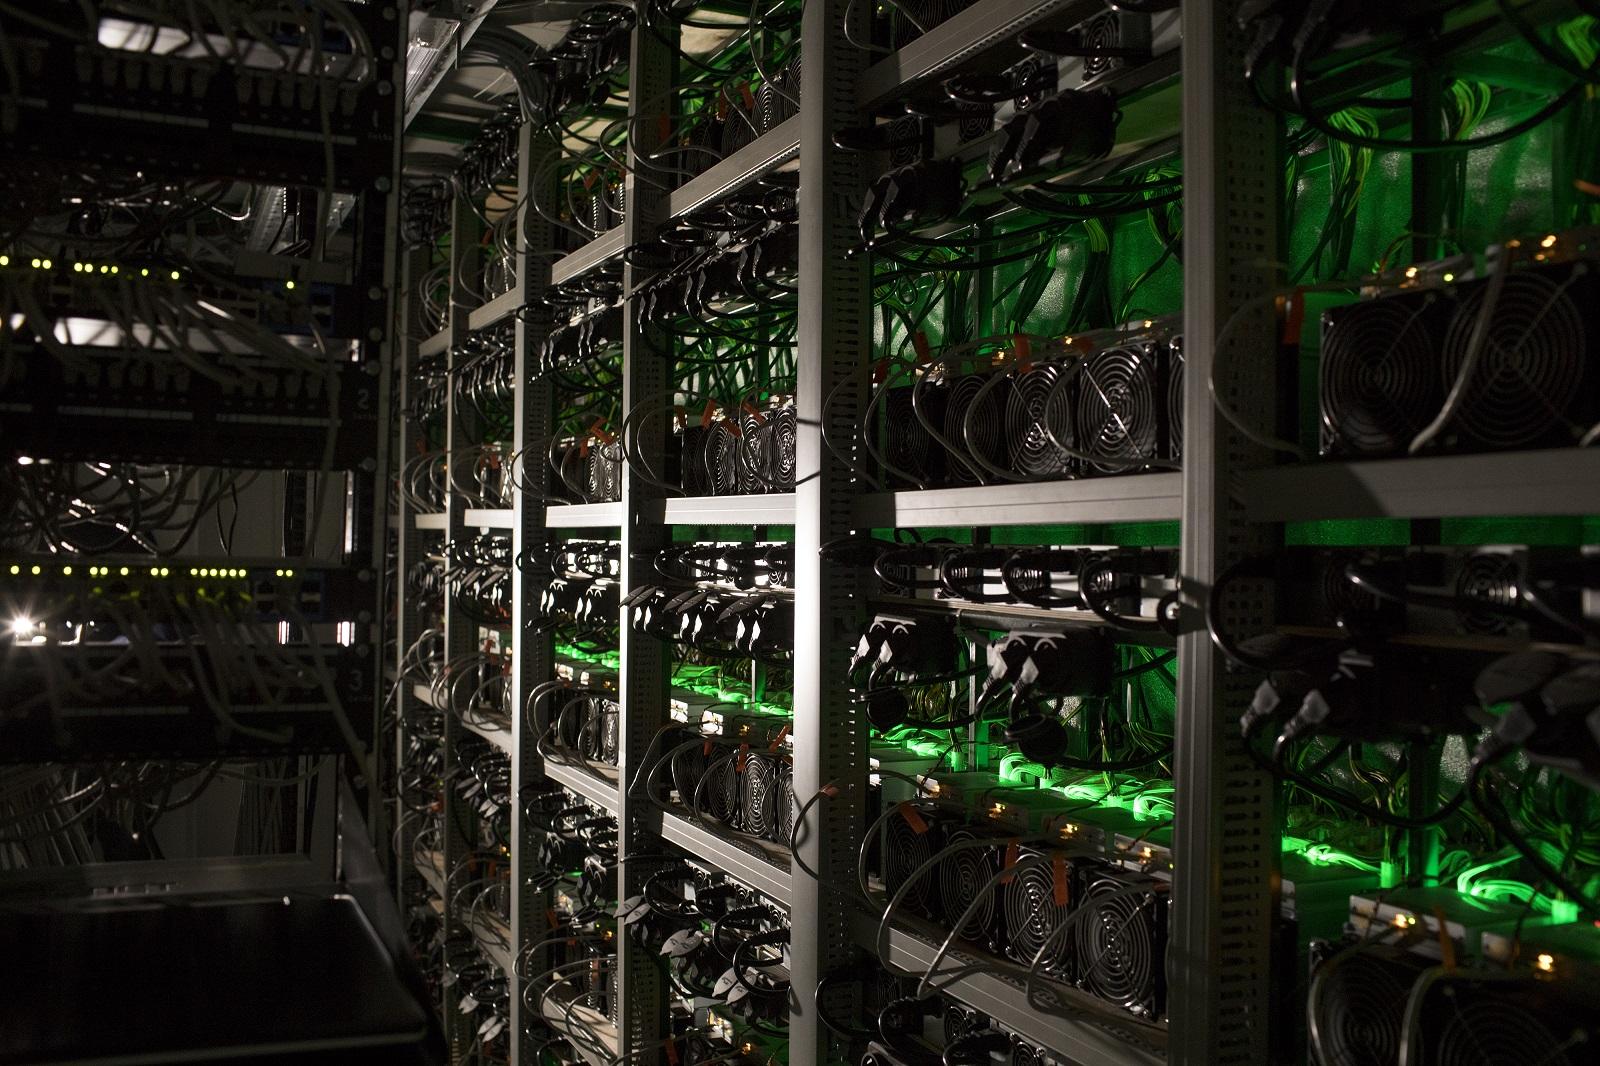 Produtores de bitcoins saem em busca de energia limpa